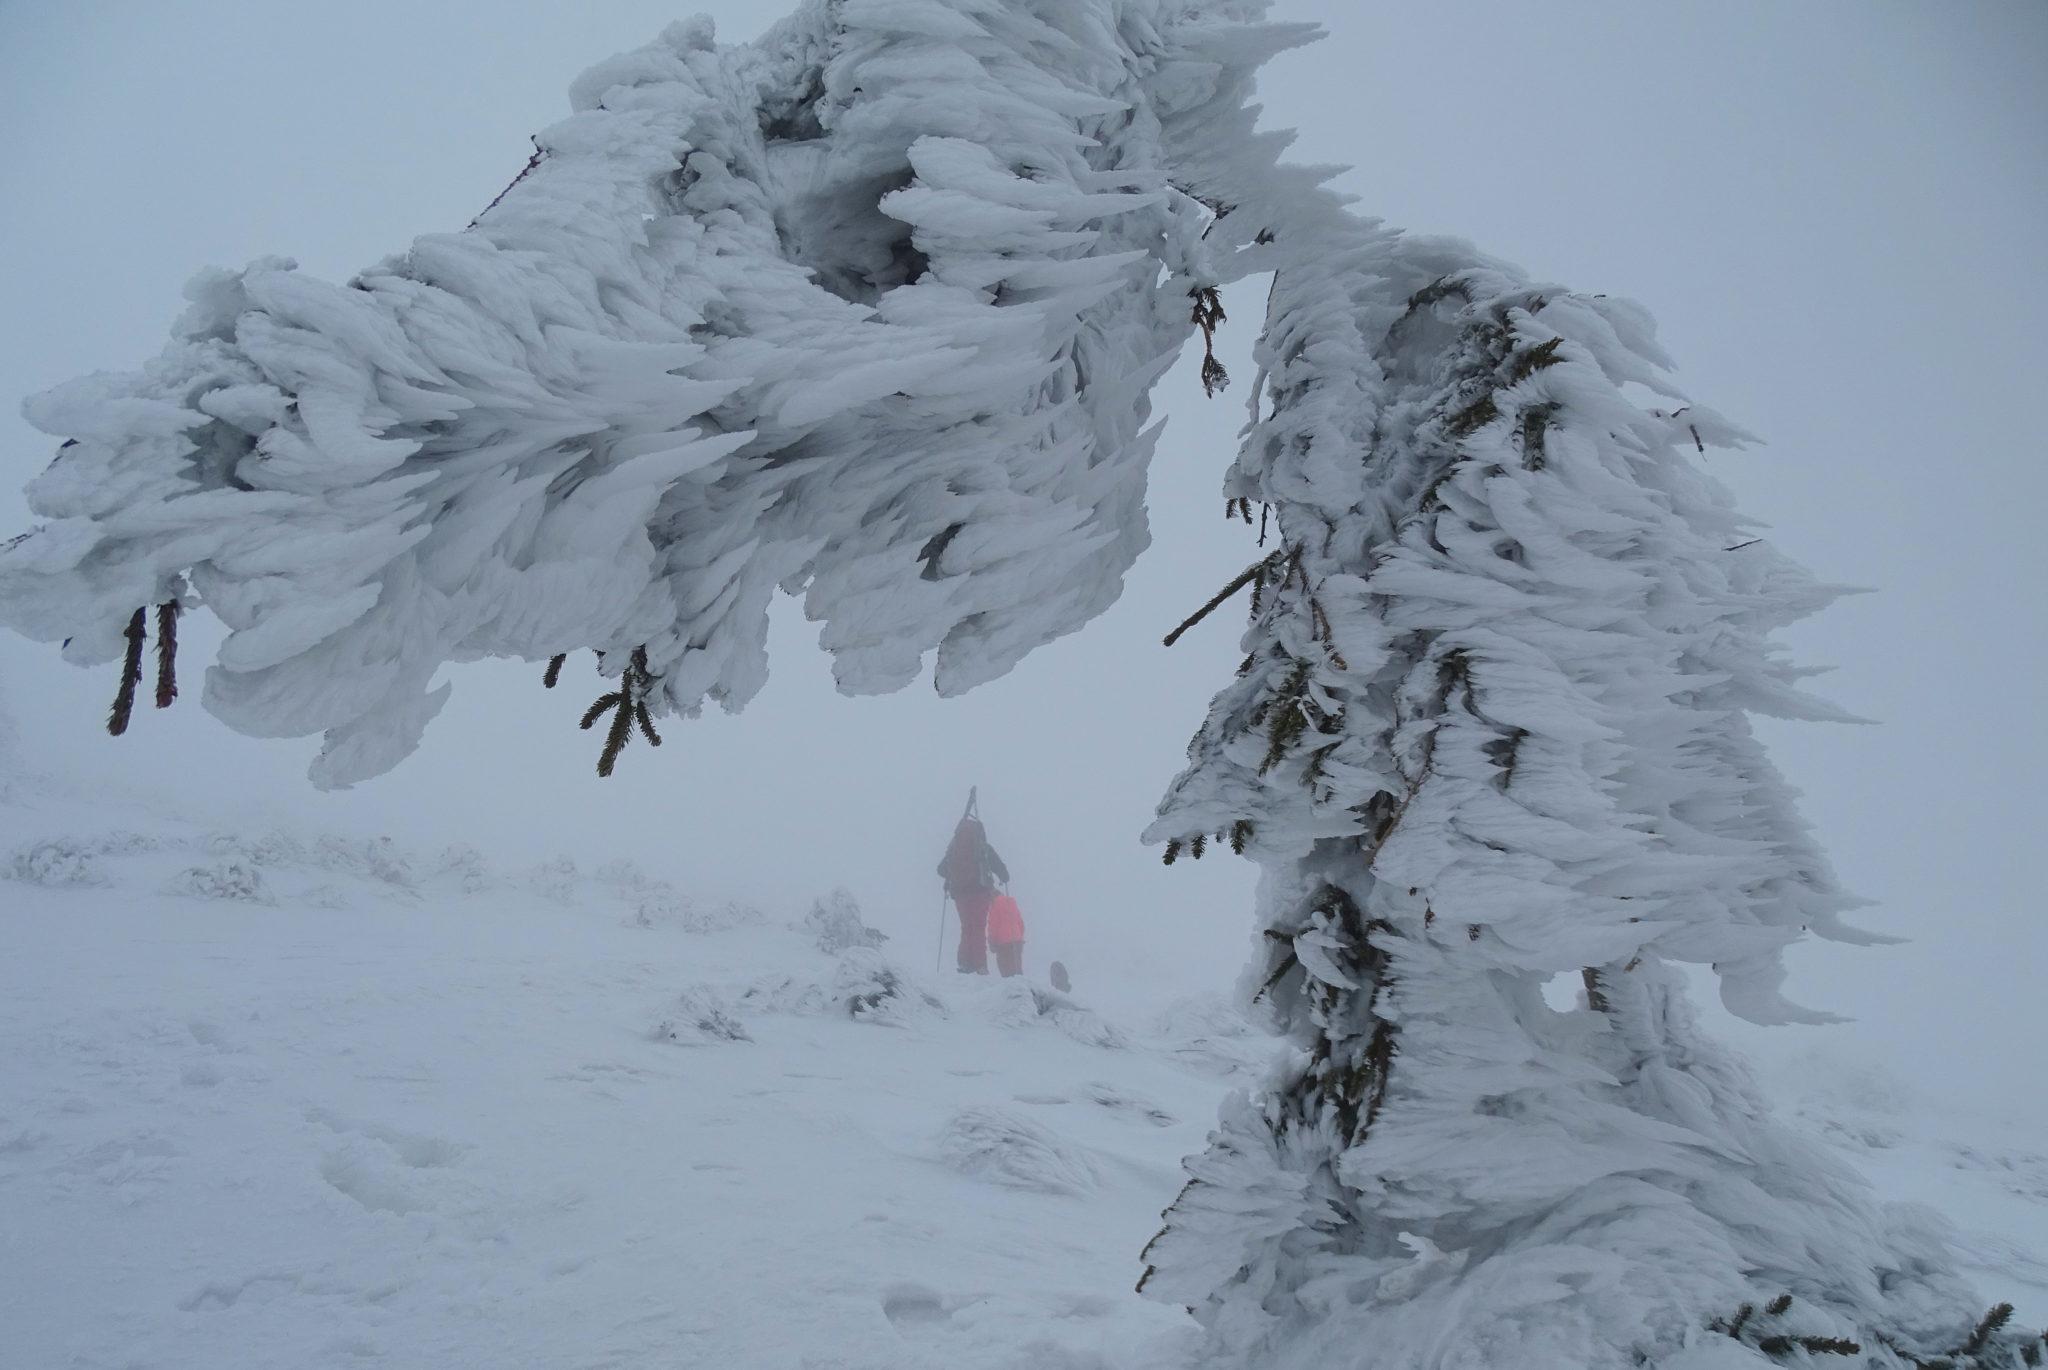 Snežnik in winter, ice, frozen trees